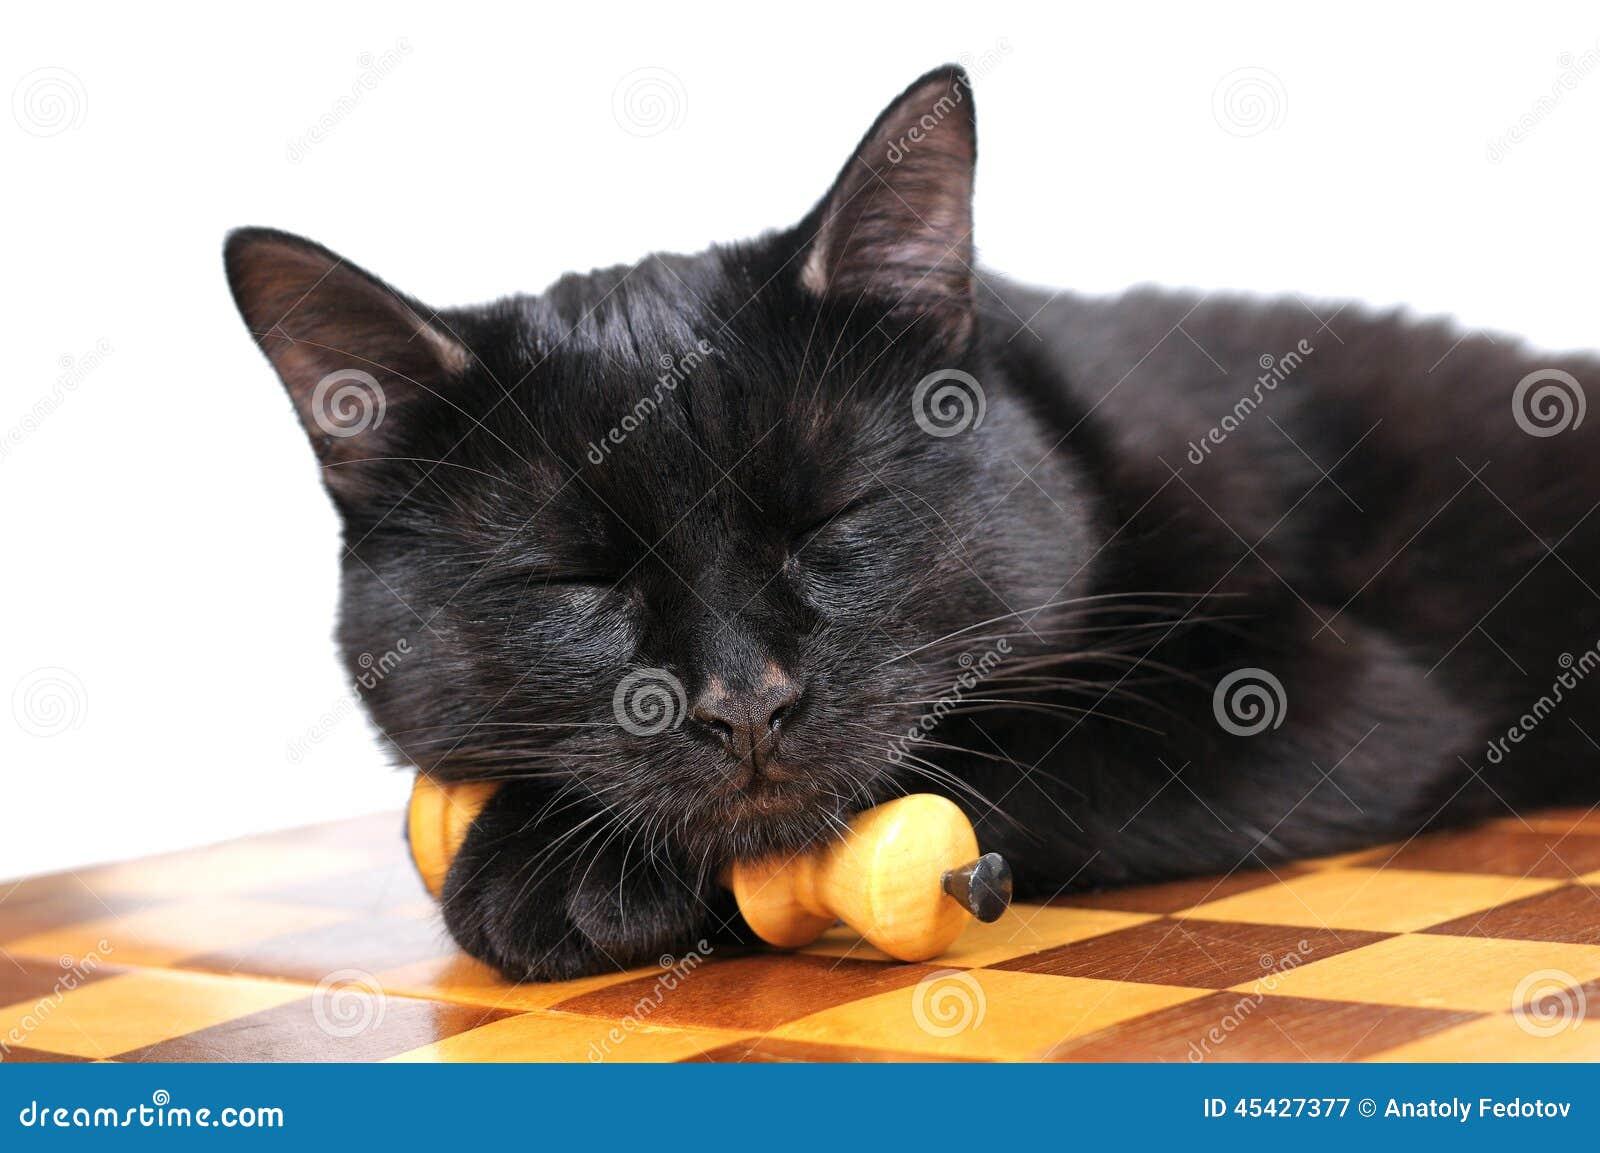 Кот черный спит